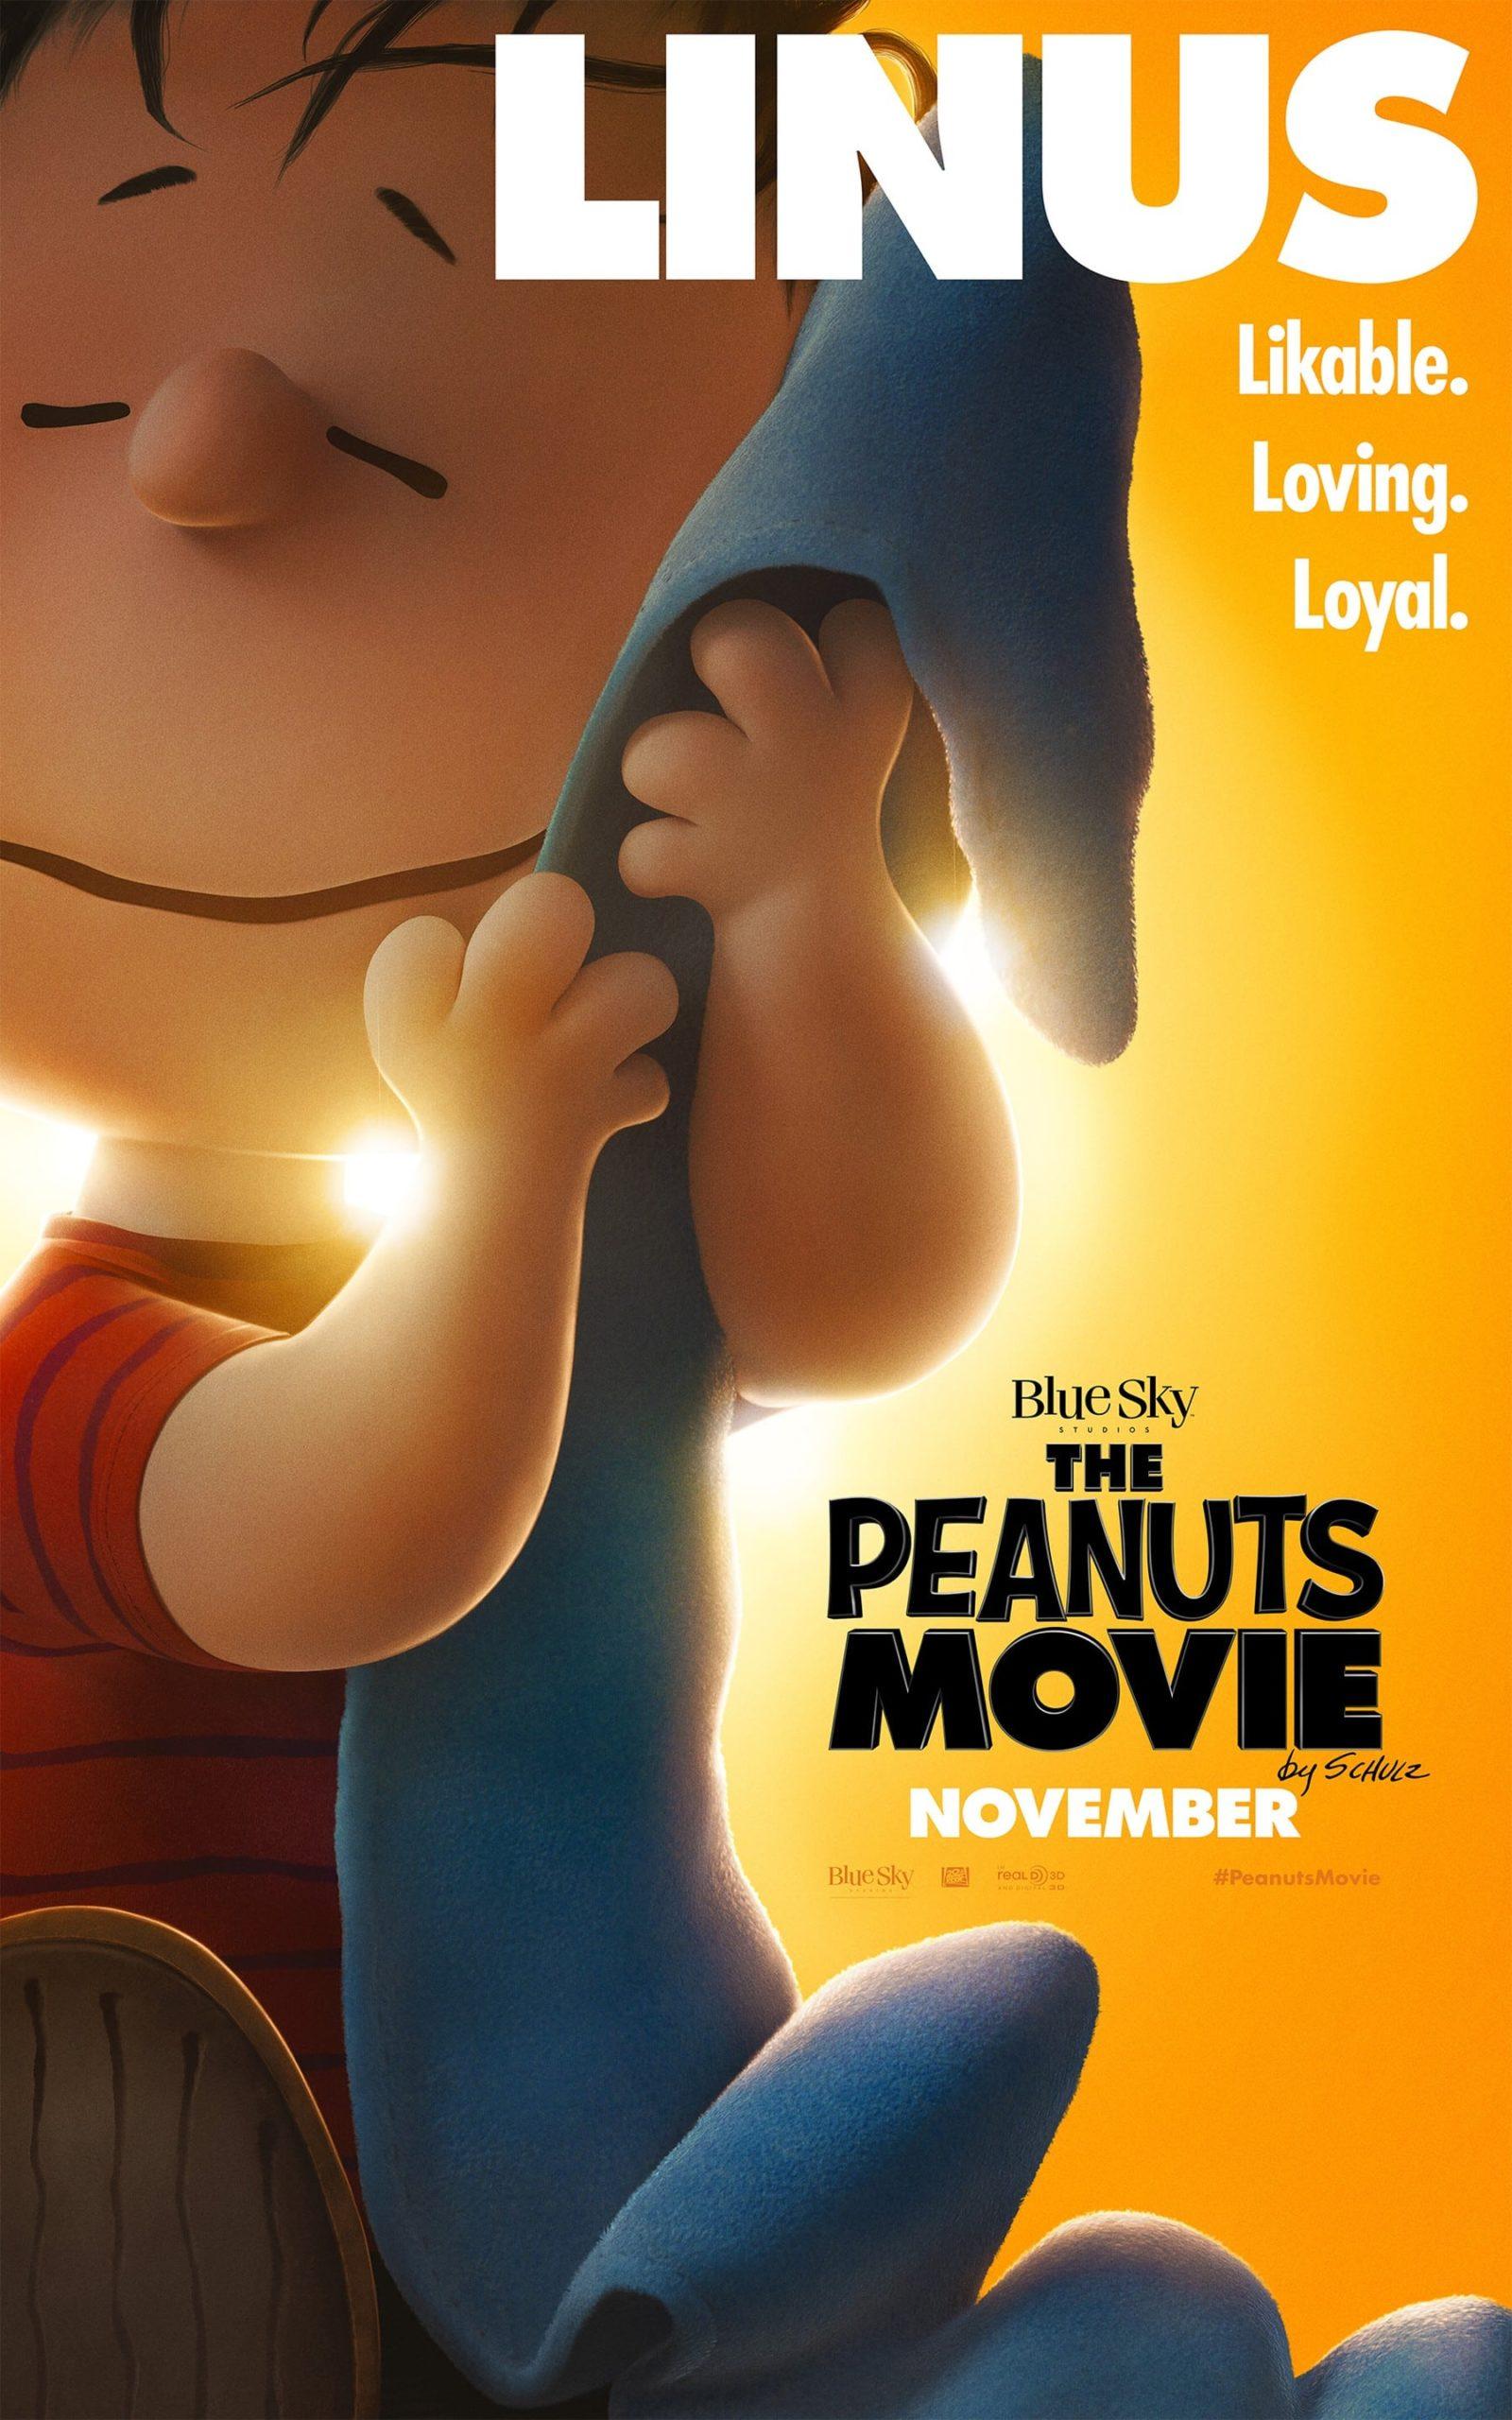 Thepeanutsmovie Linus